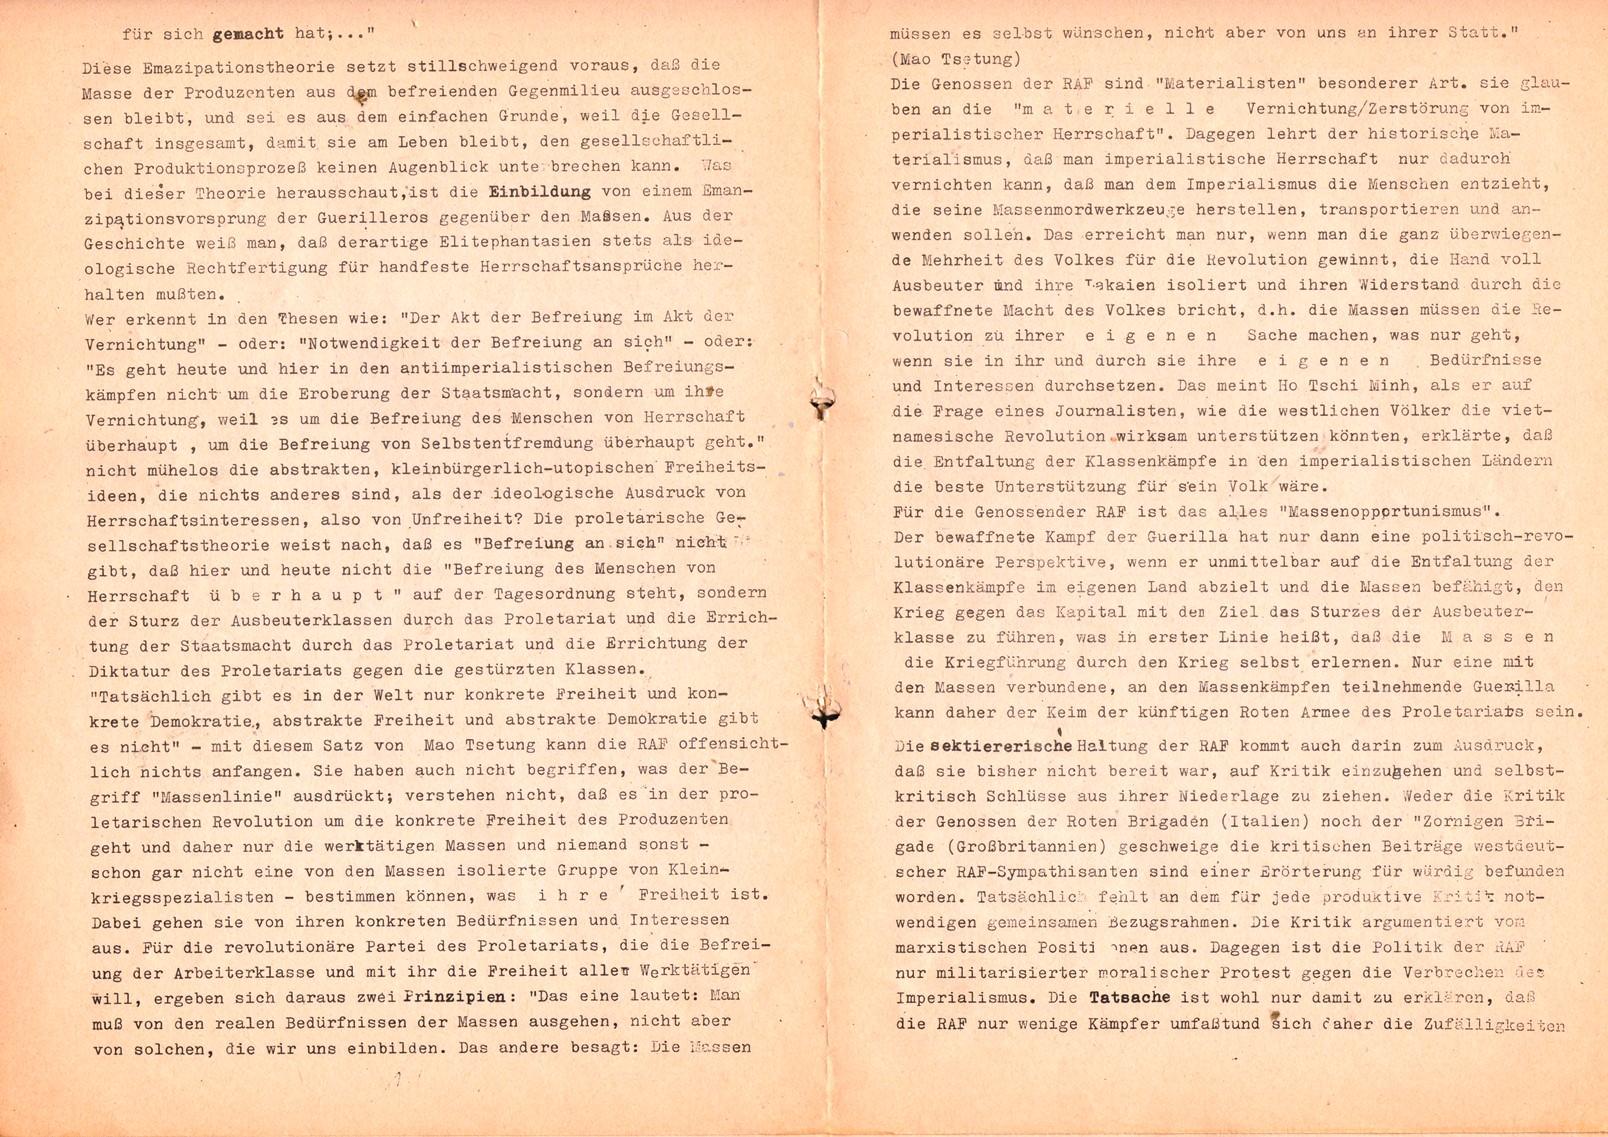 Berlin_RH_1974_zu_Horst_Mahler_08